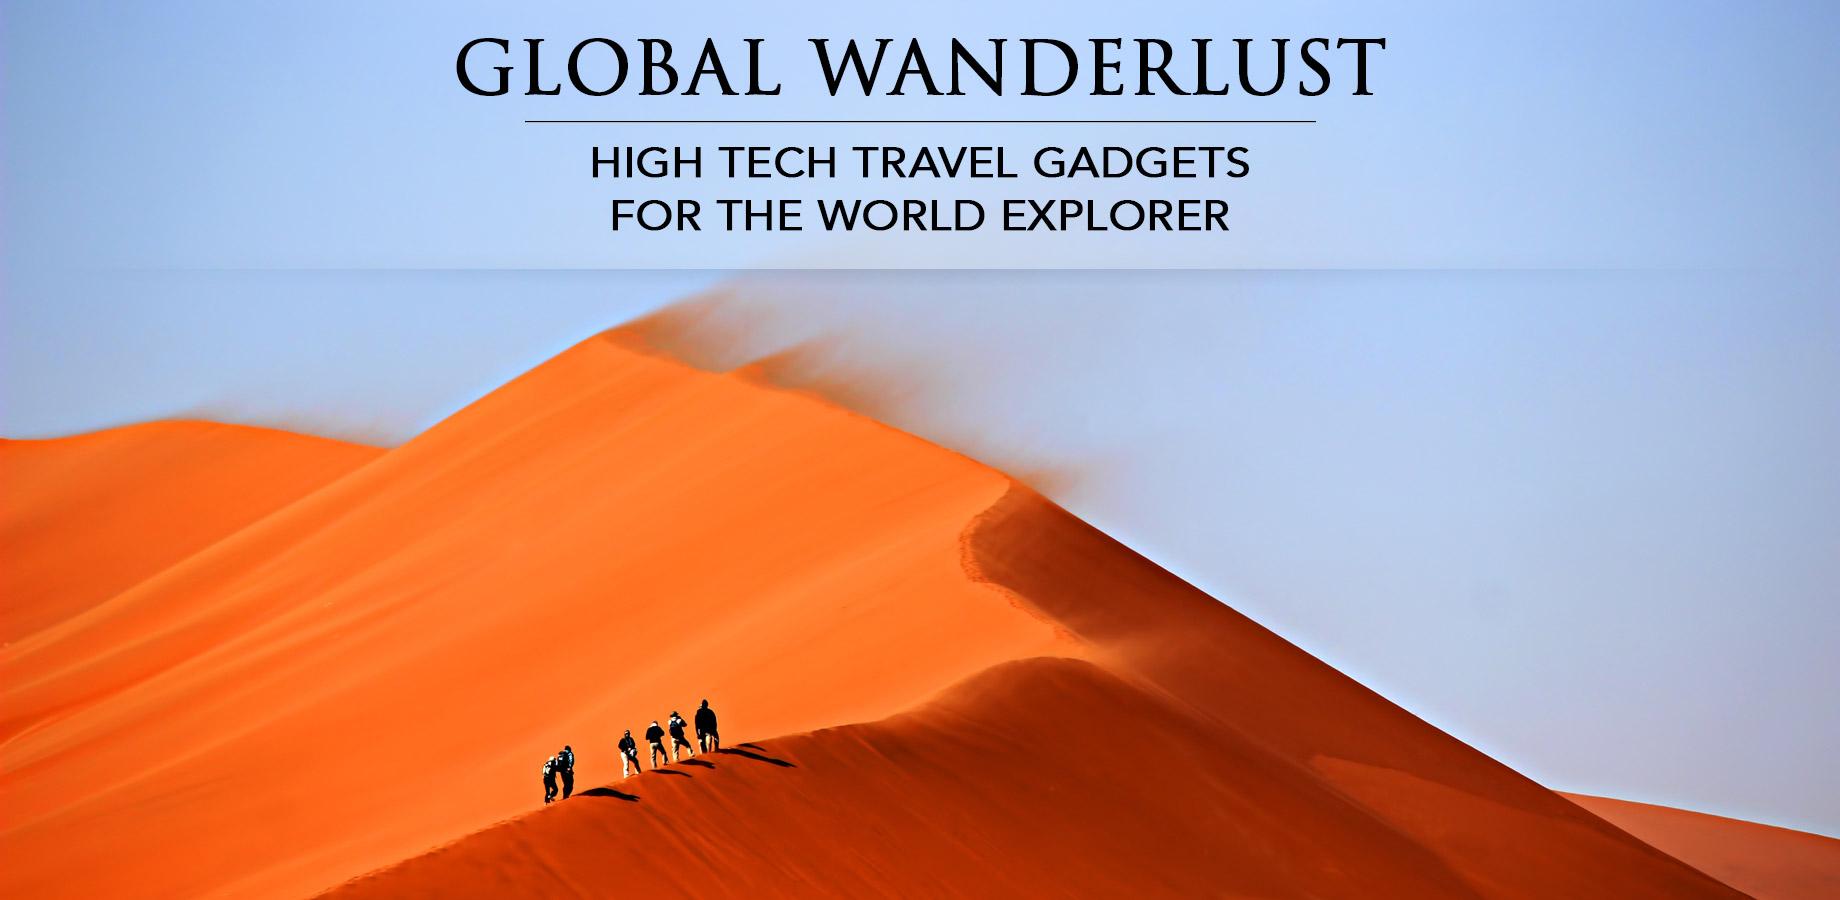 Global Wanderlust – High Tech Travel Gadgets for the World Explorer